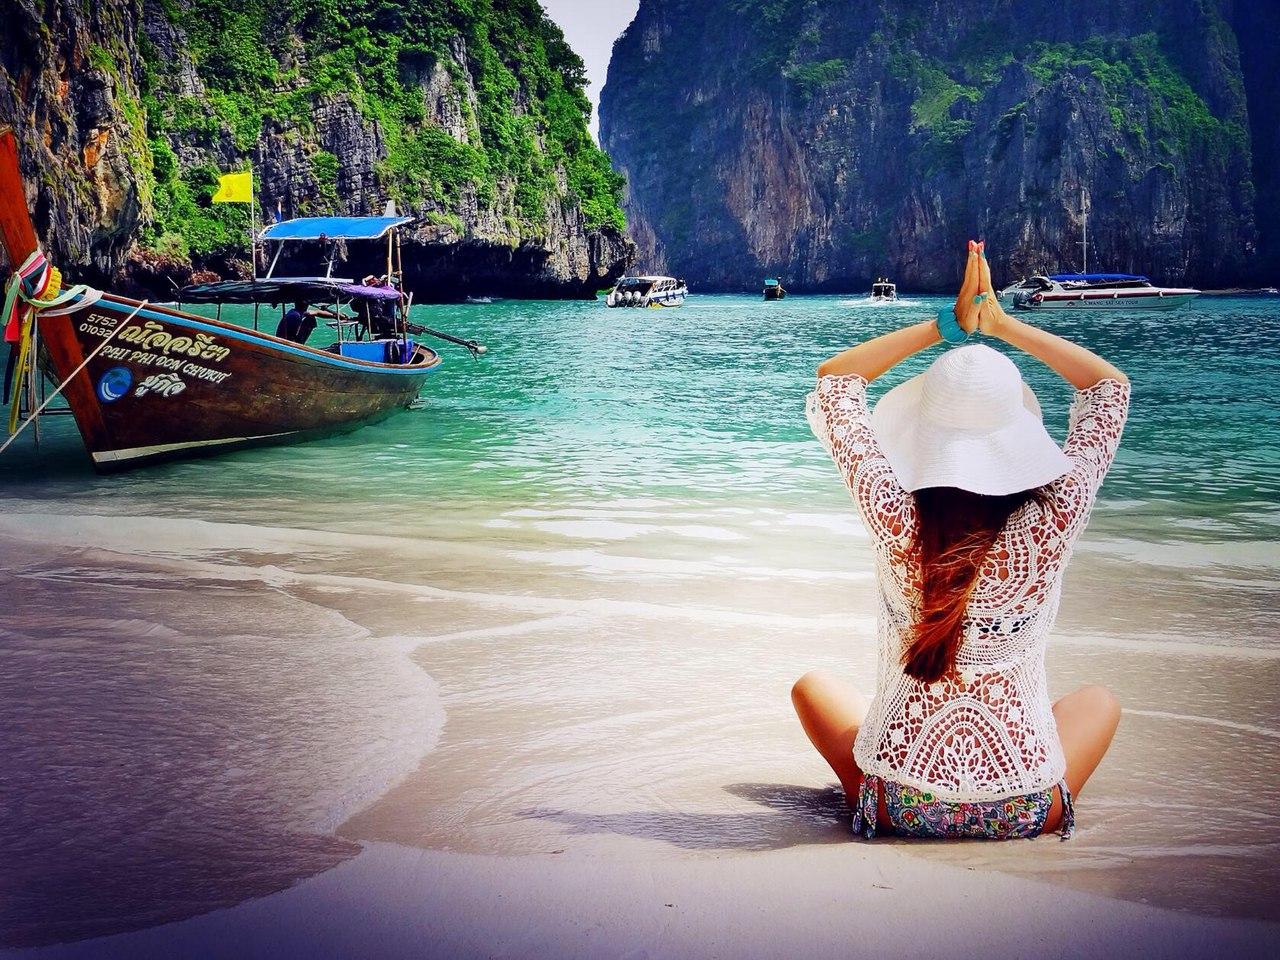 какие тайланде паттайя или пхукет горящие туры фото ввиду того